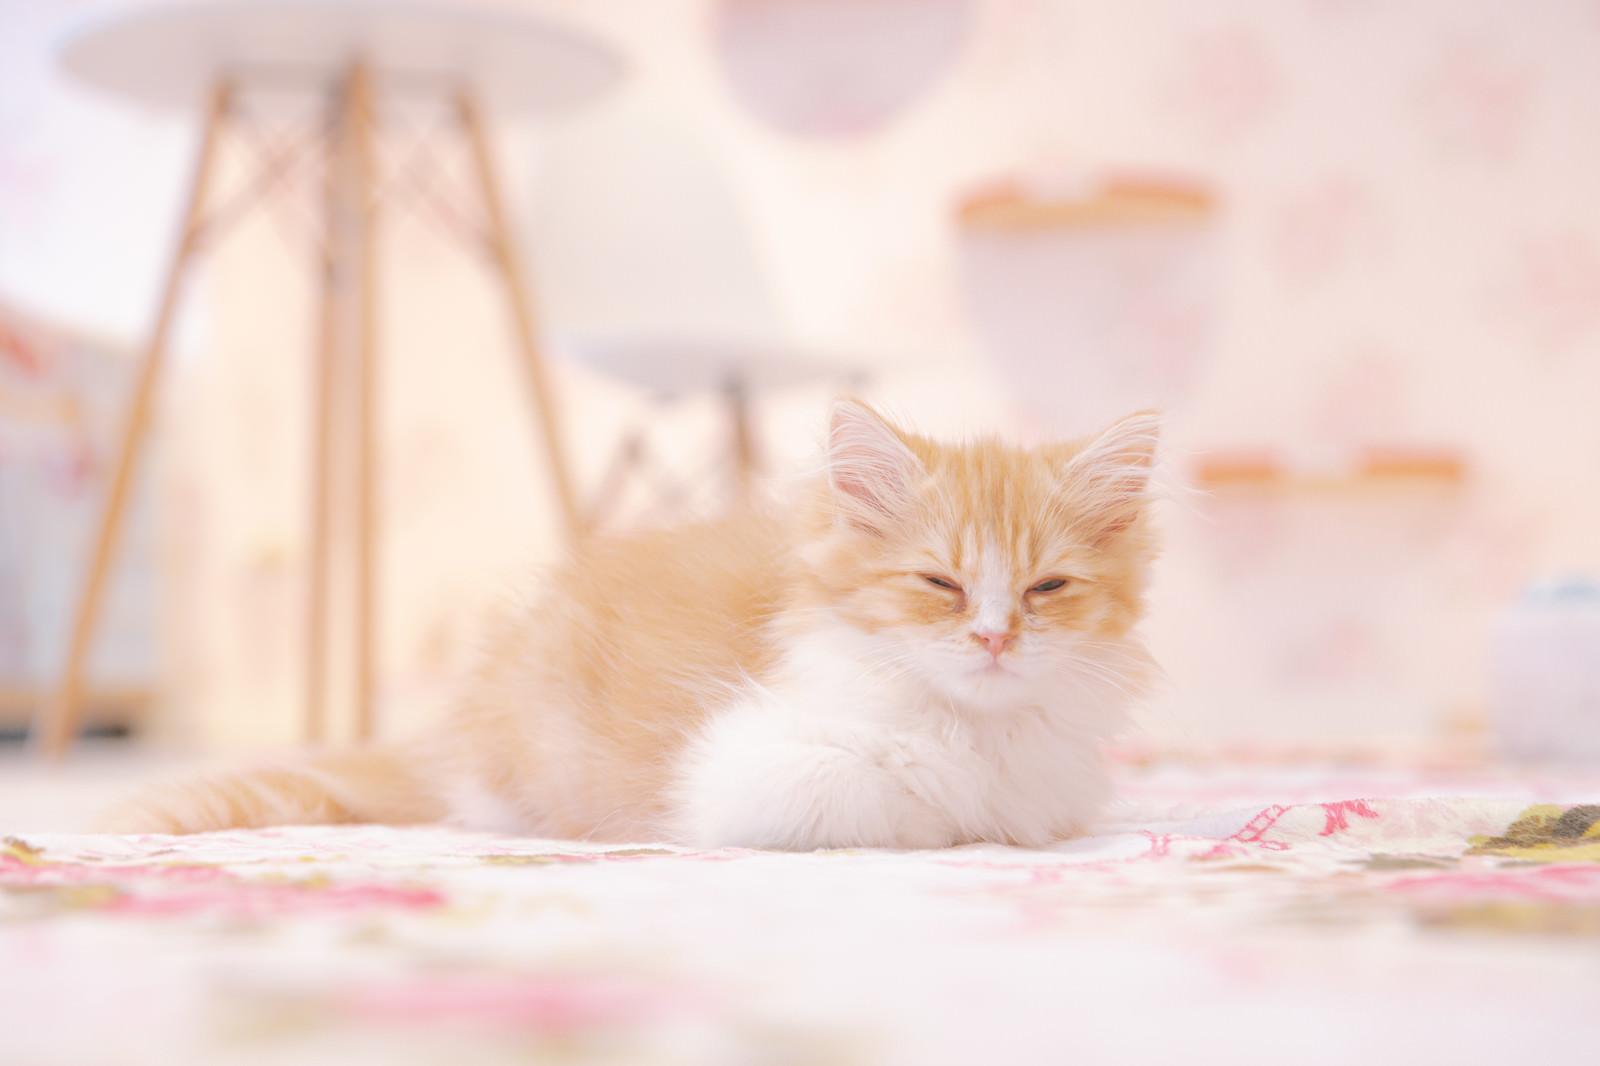 「薄目でこちらを見る子猫」の写真